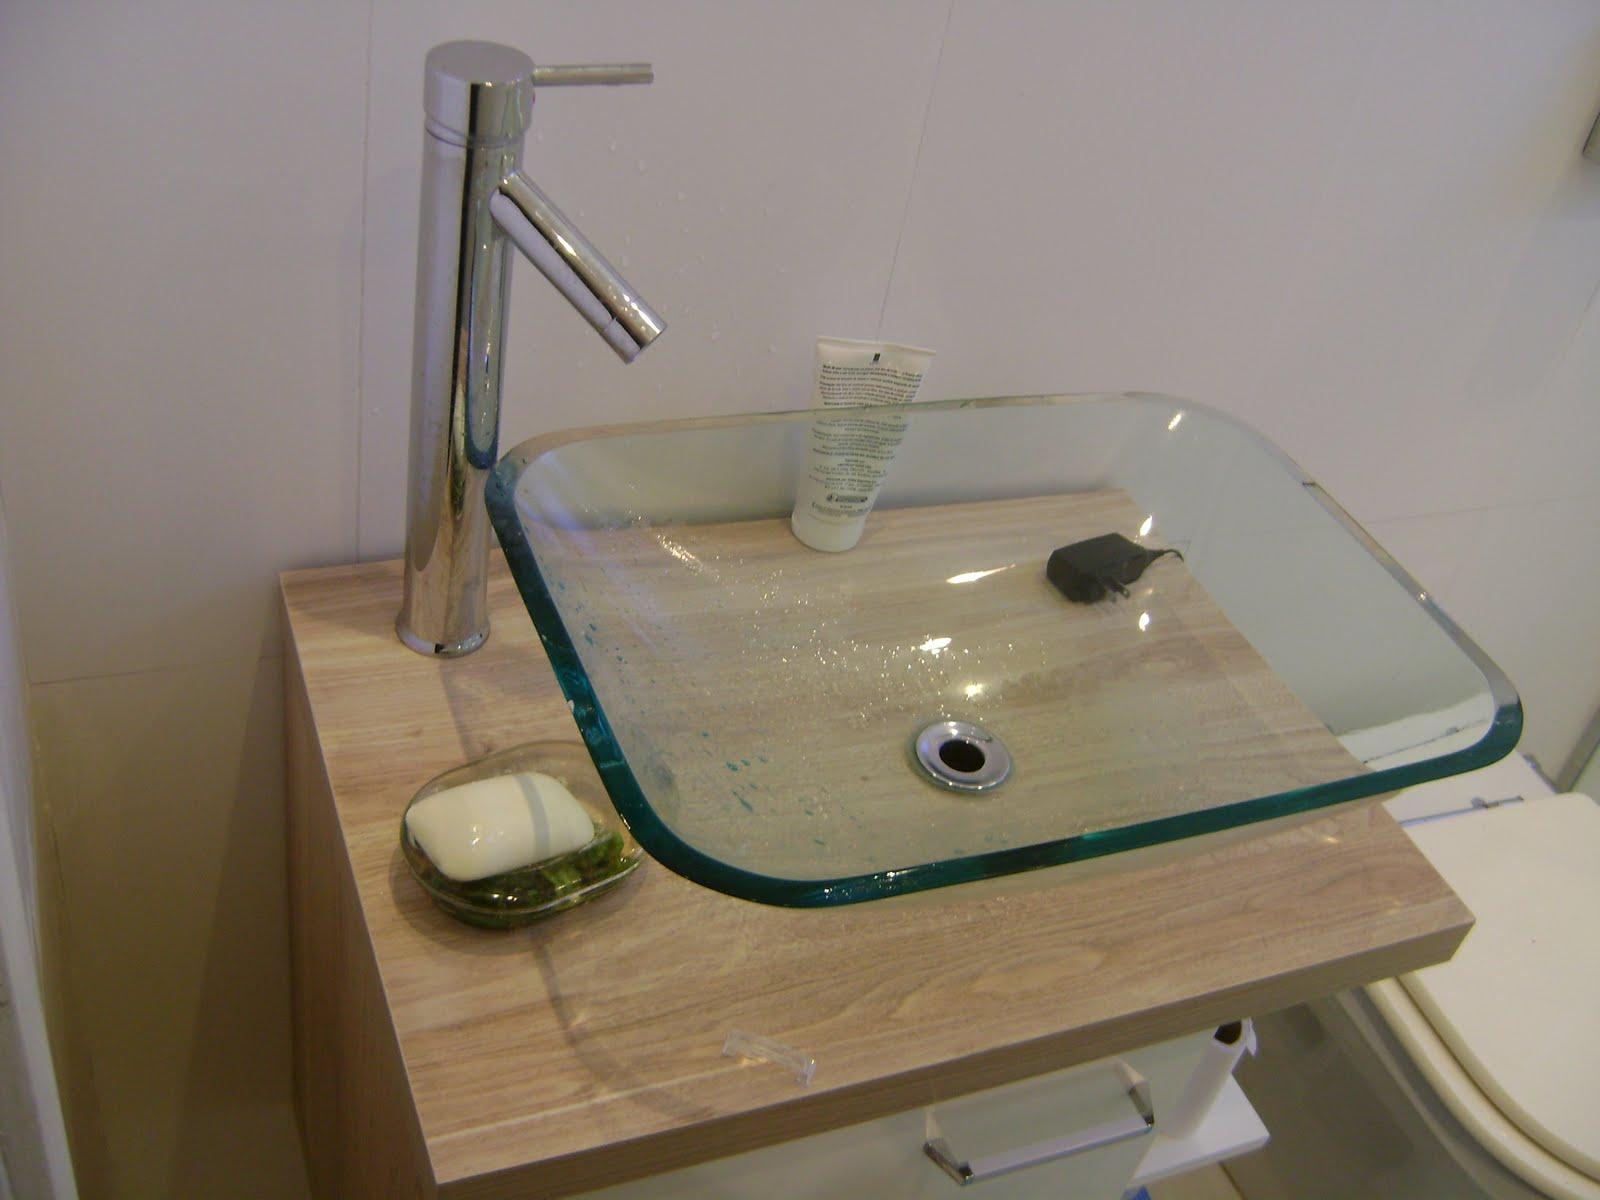 01 ano de uso com cuba de vidro transparente e torneira monocomando #403823 1600 1200